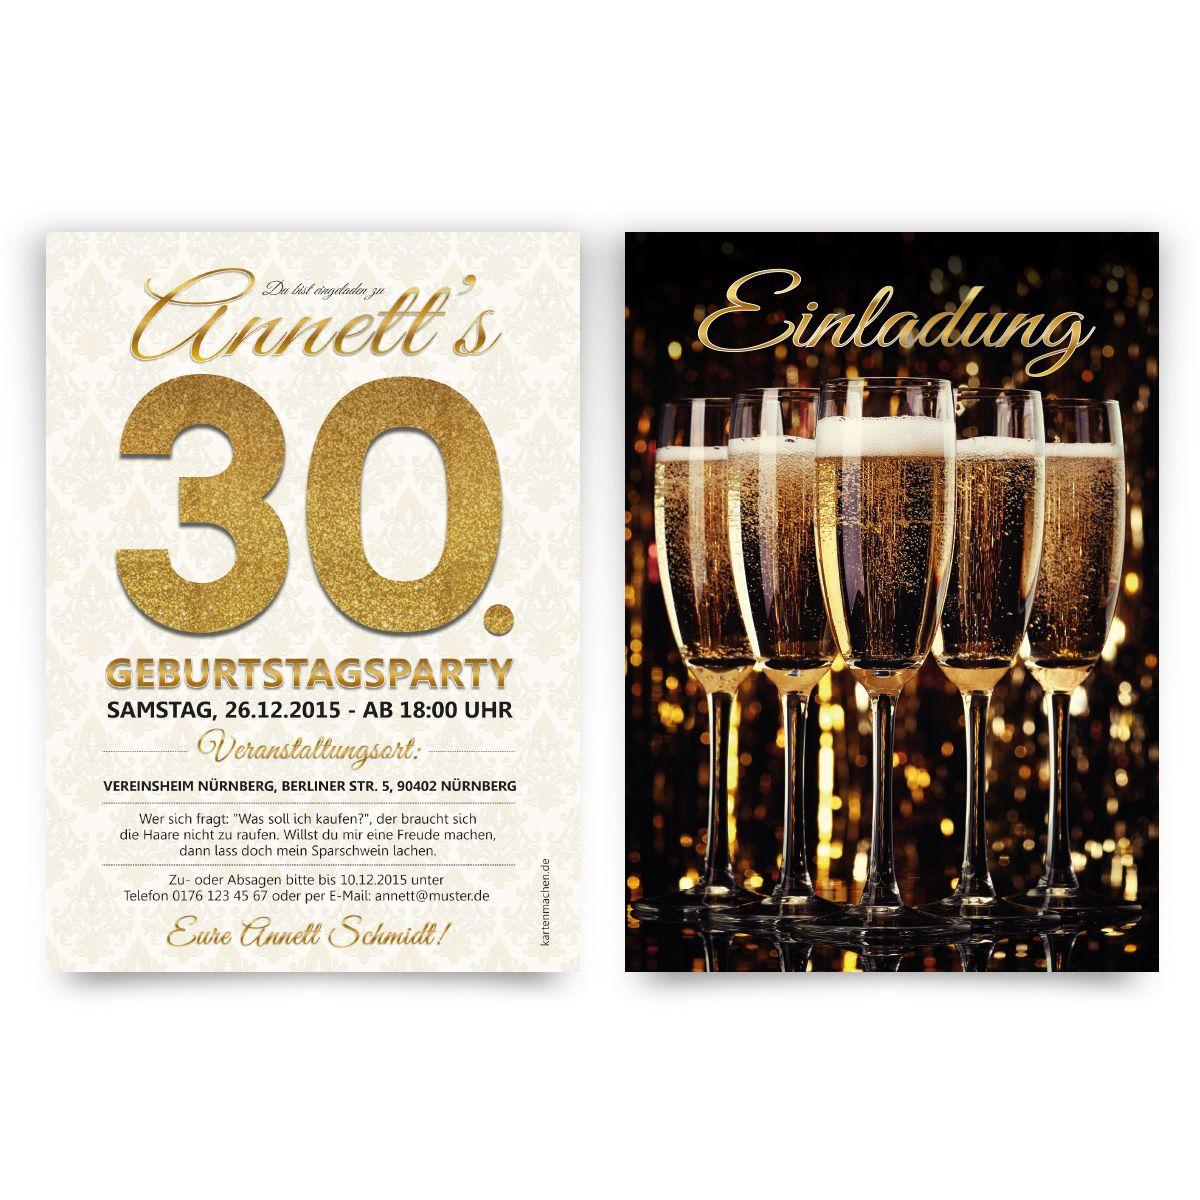 Einladungskarten Im Sekt Motiv. #einladung #einladungskarten #party  #geburtstag #winter #